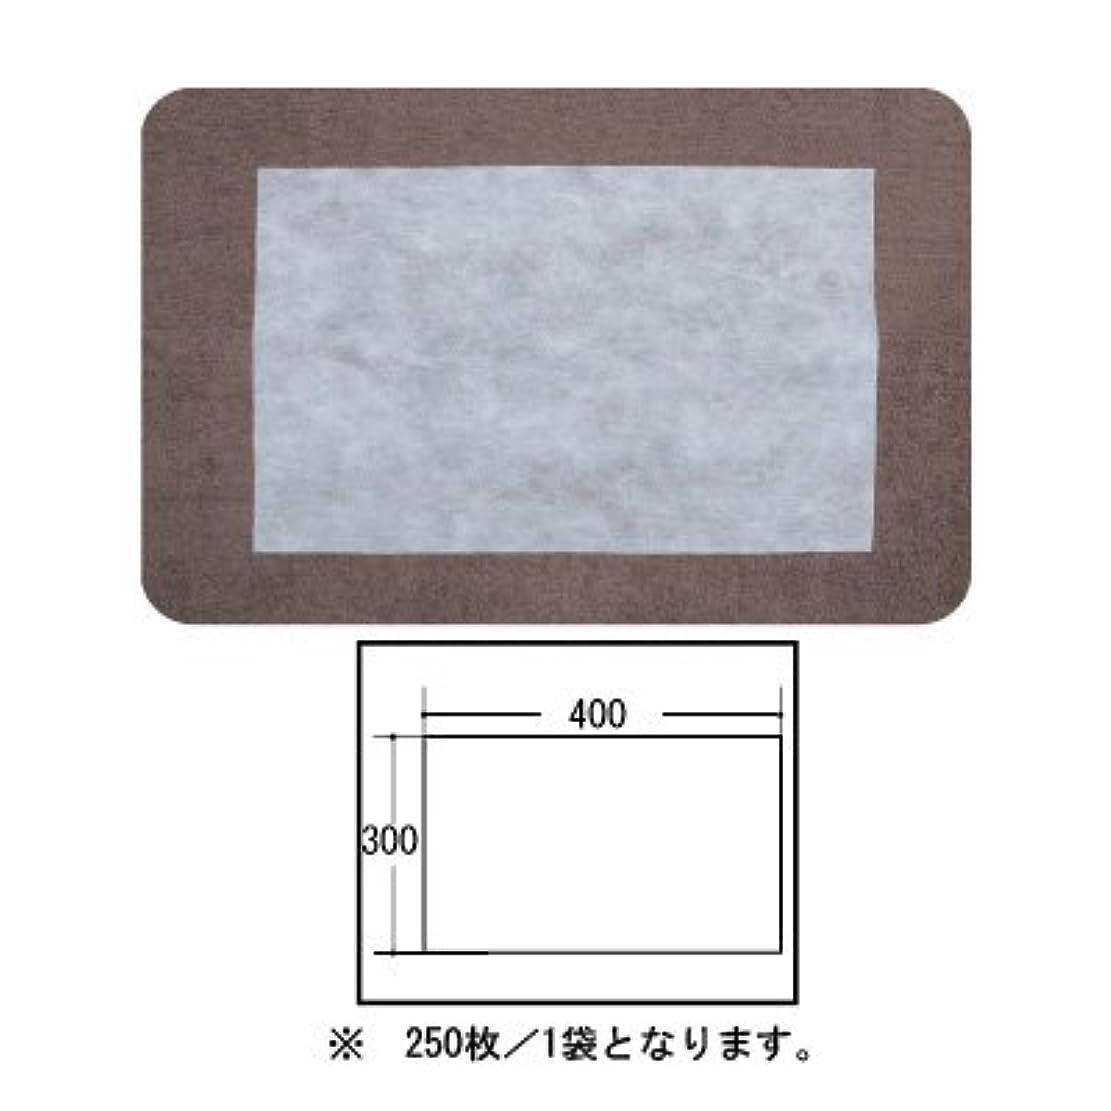 乳剤後退するスペイン語(ロータス)LOTUS 日本製 ピロカバー カット無し 250枚入 業務用 マルチな不織布カバー